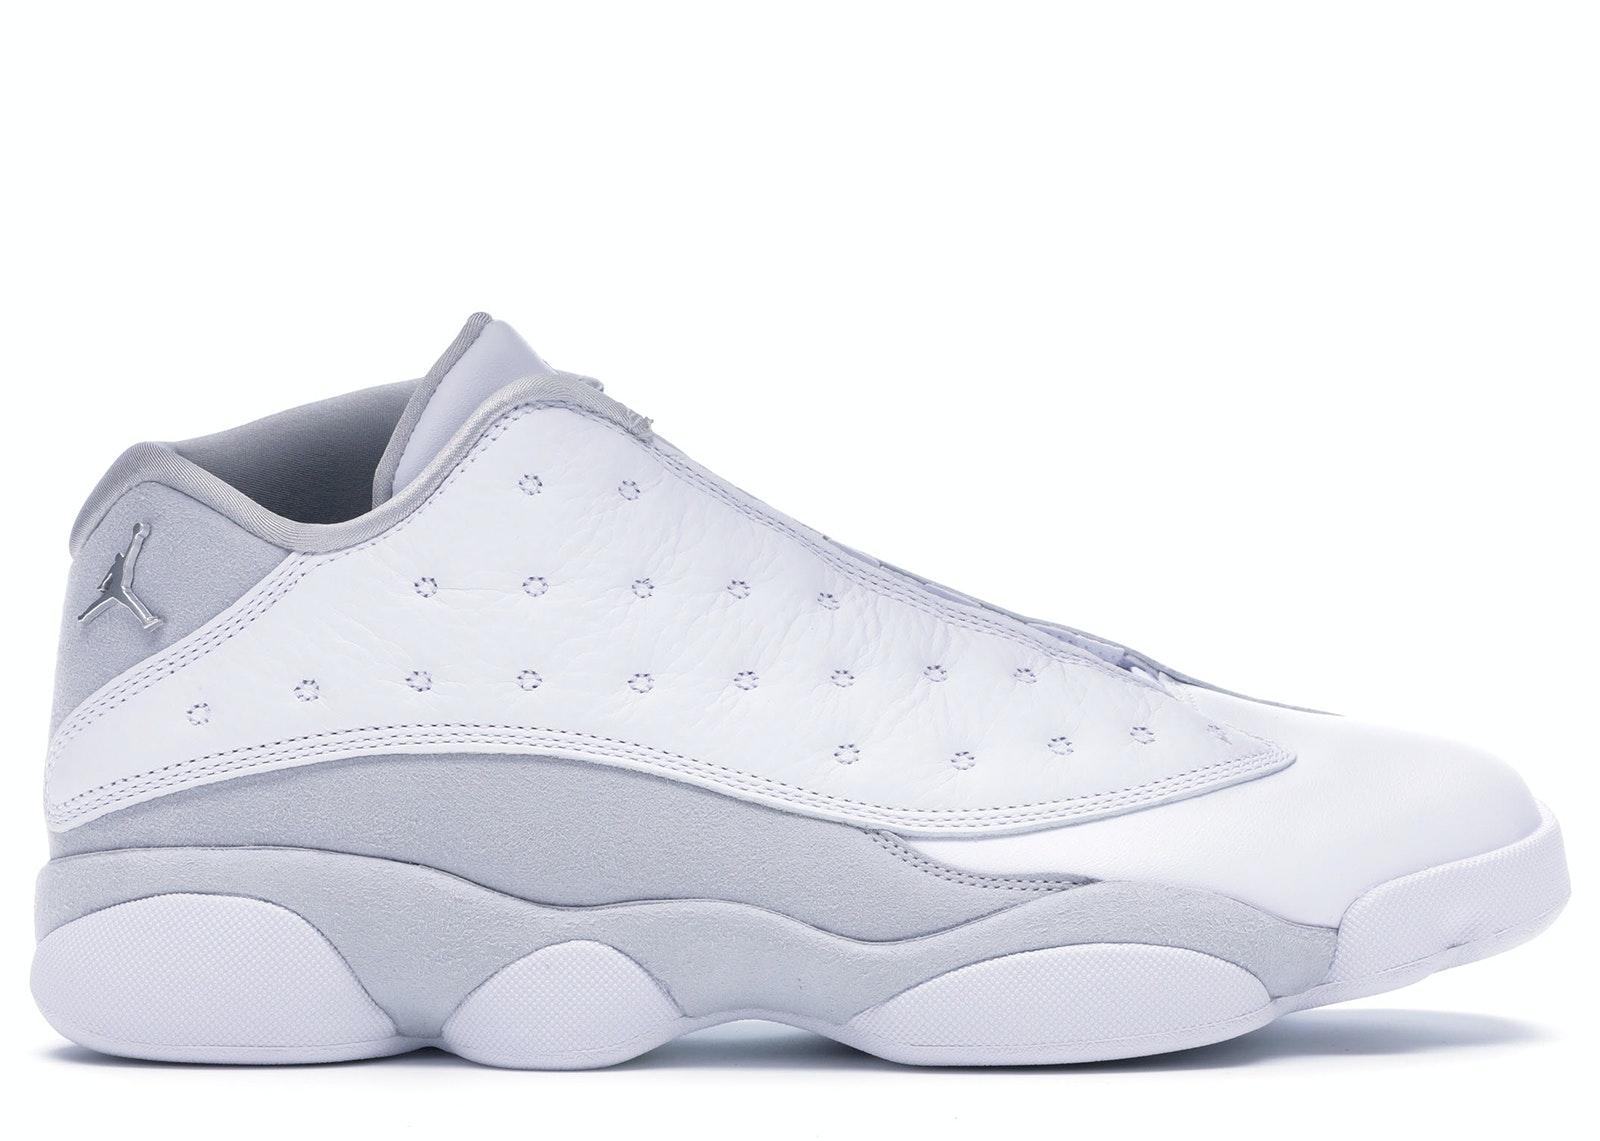 Jordan 13 Retro Low Pure Platinum